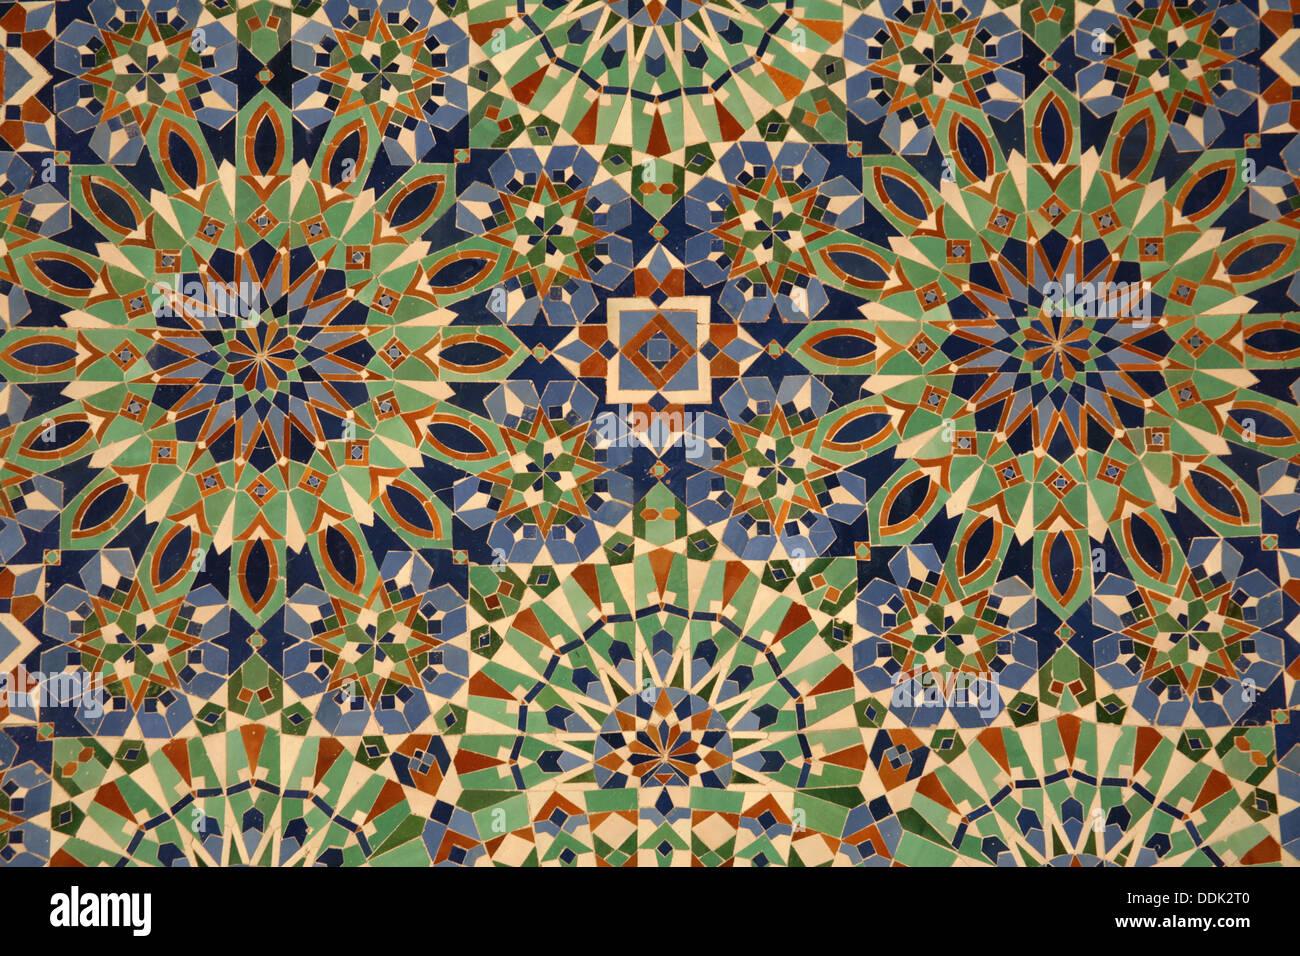 Zellige piastrelle ceramiche al hassan ii grande moschea di